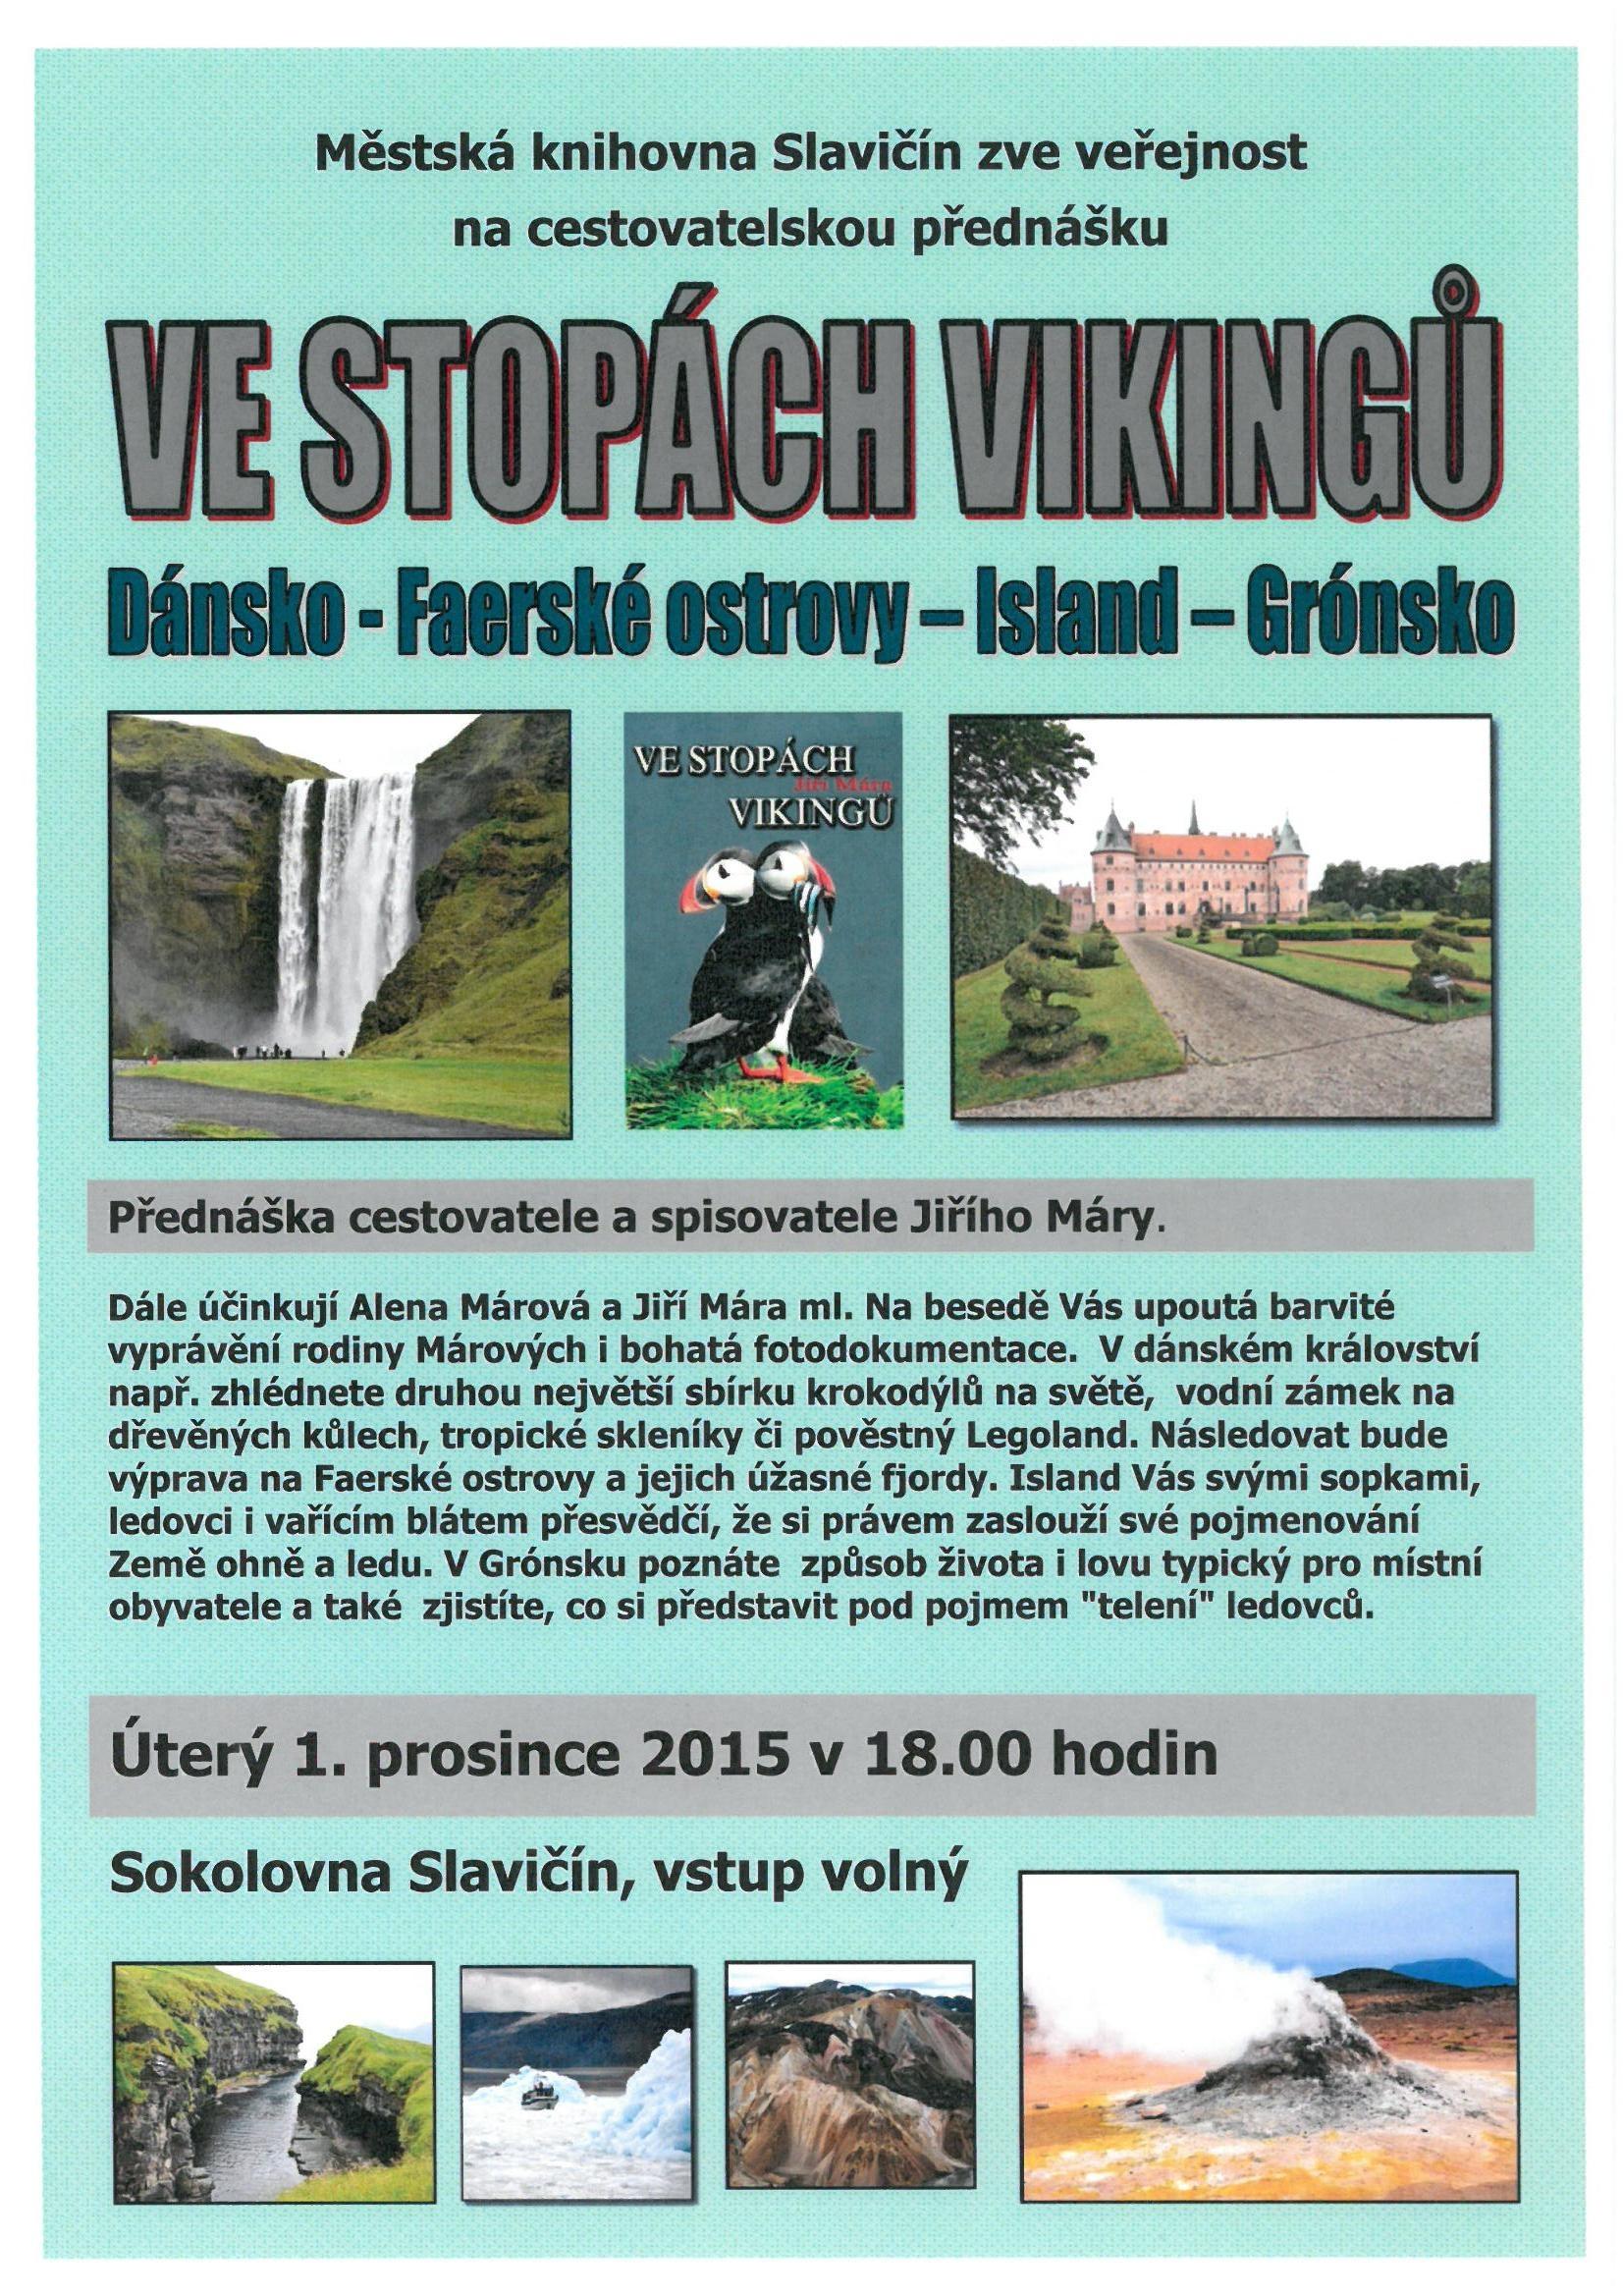 Pozvánka - Jiří Mára - Ve stopách vikingů 2015, obrázek se otevře v novém okně